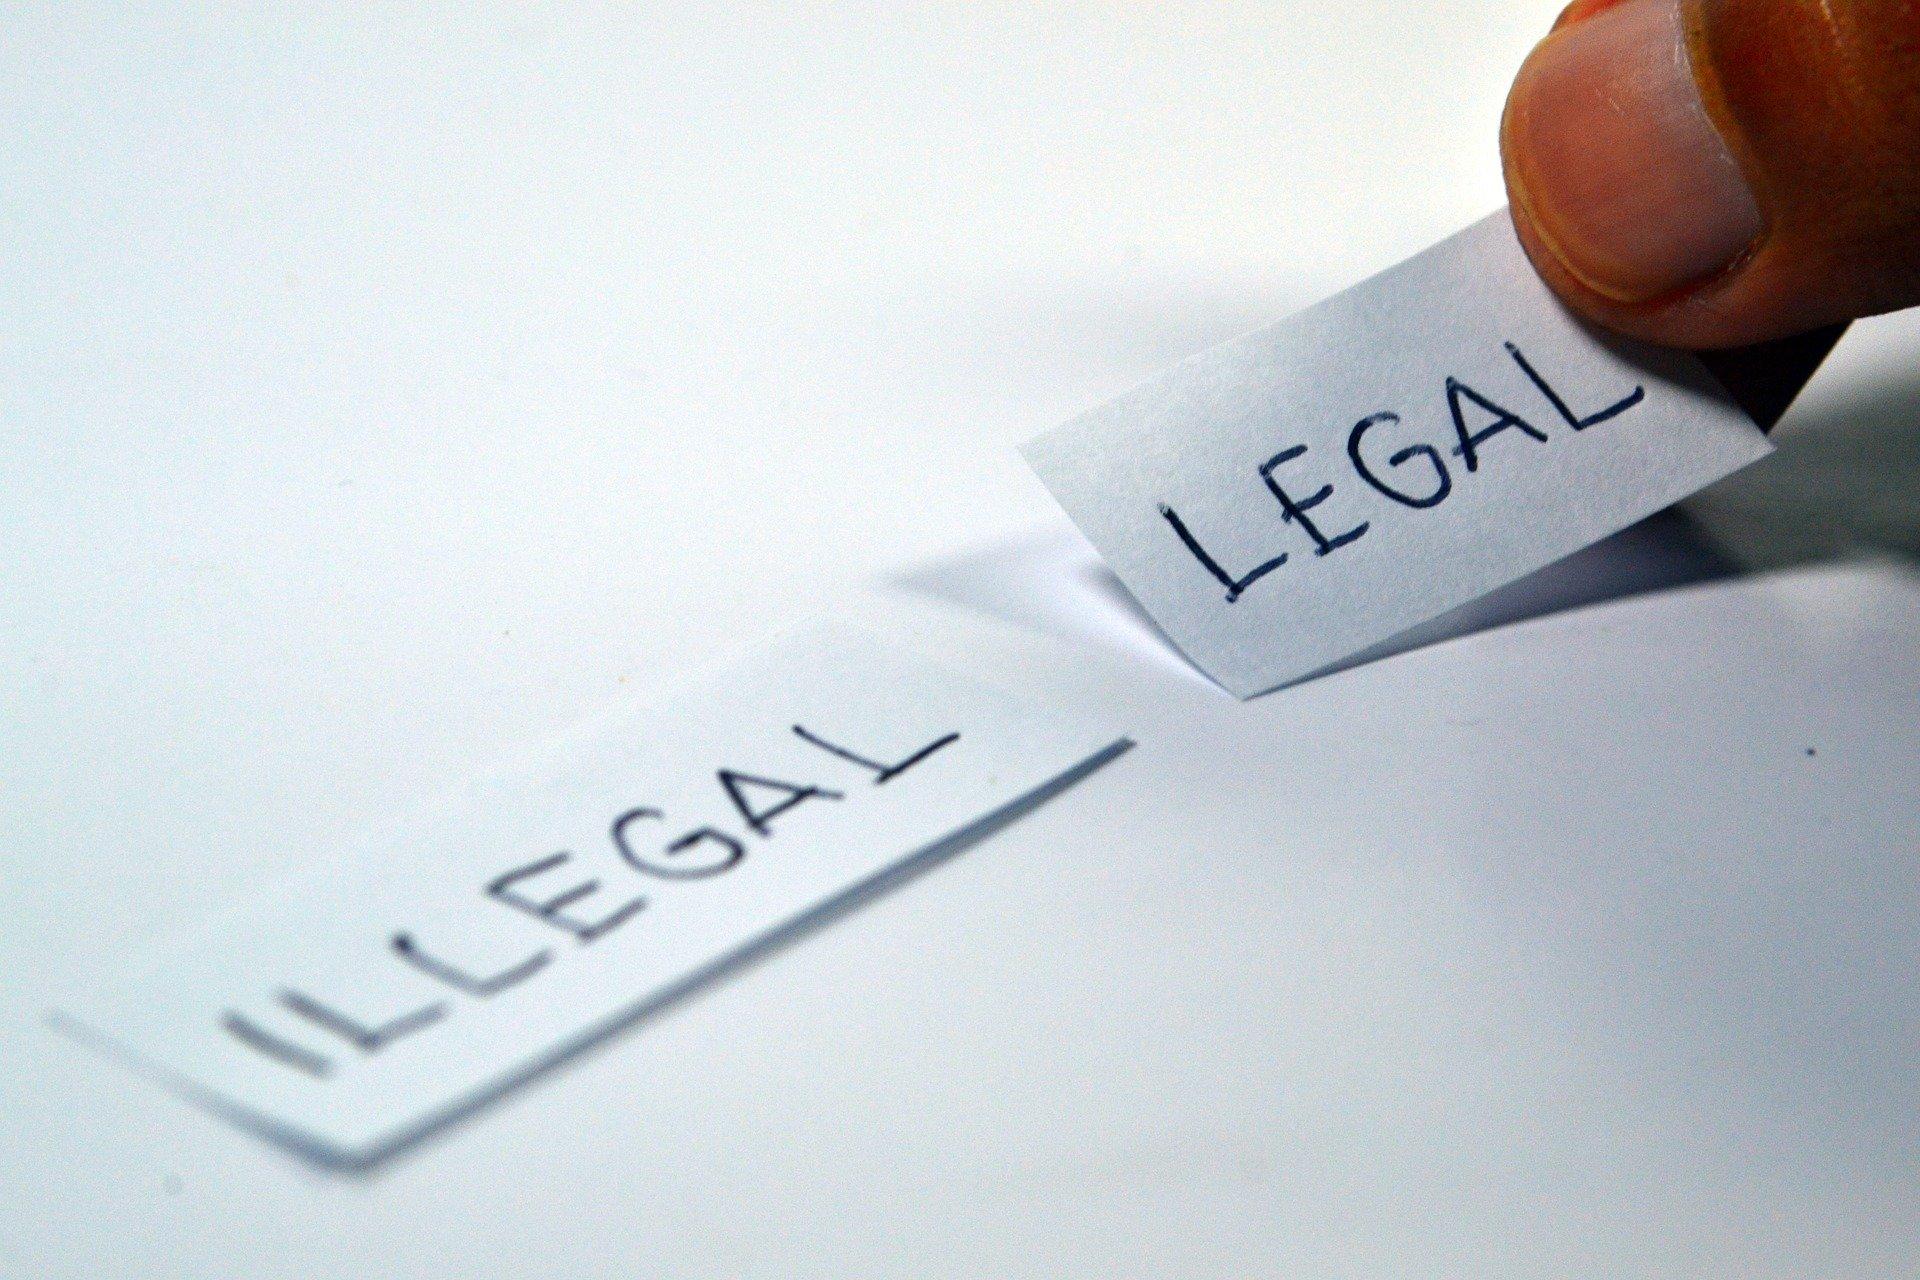 Materiały dla sądu muszą być legalne.